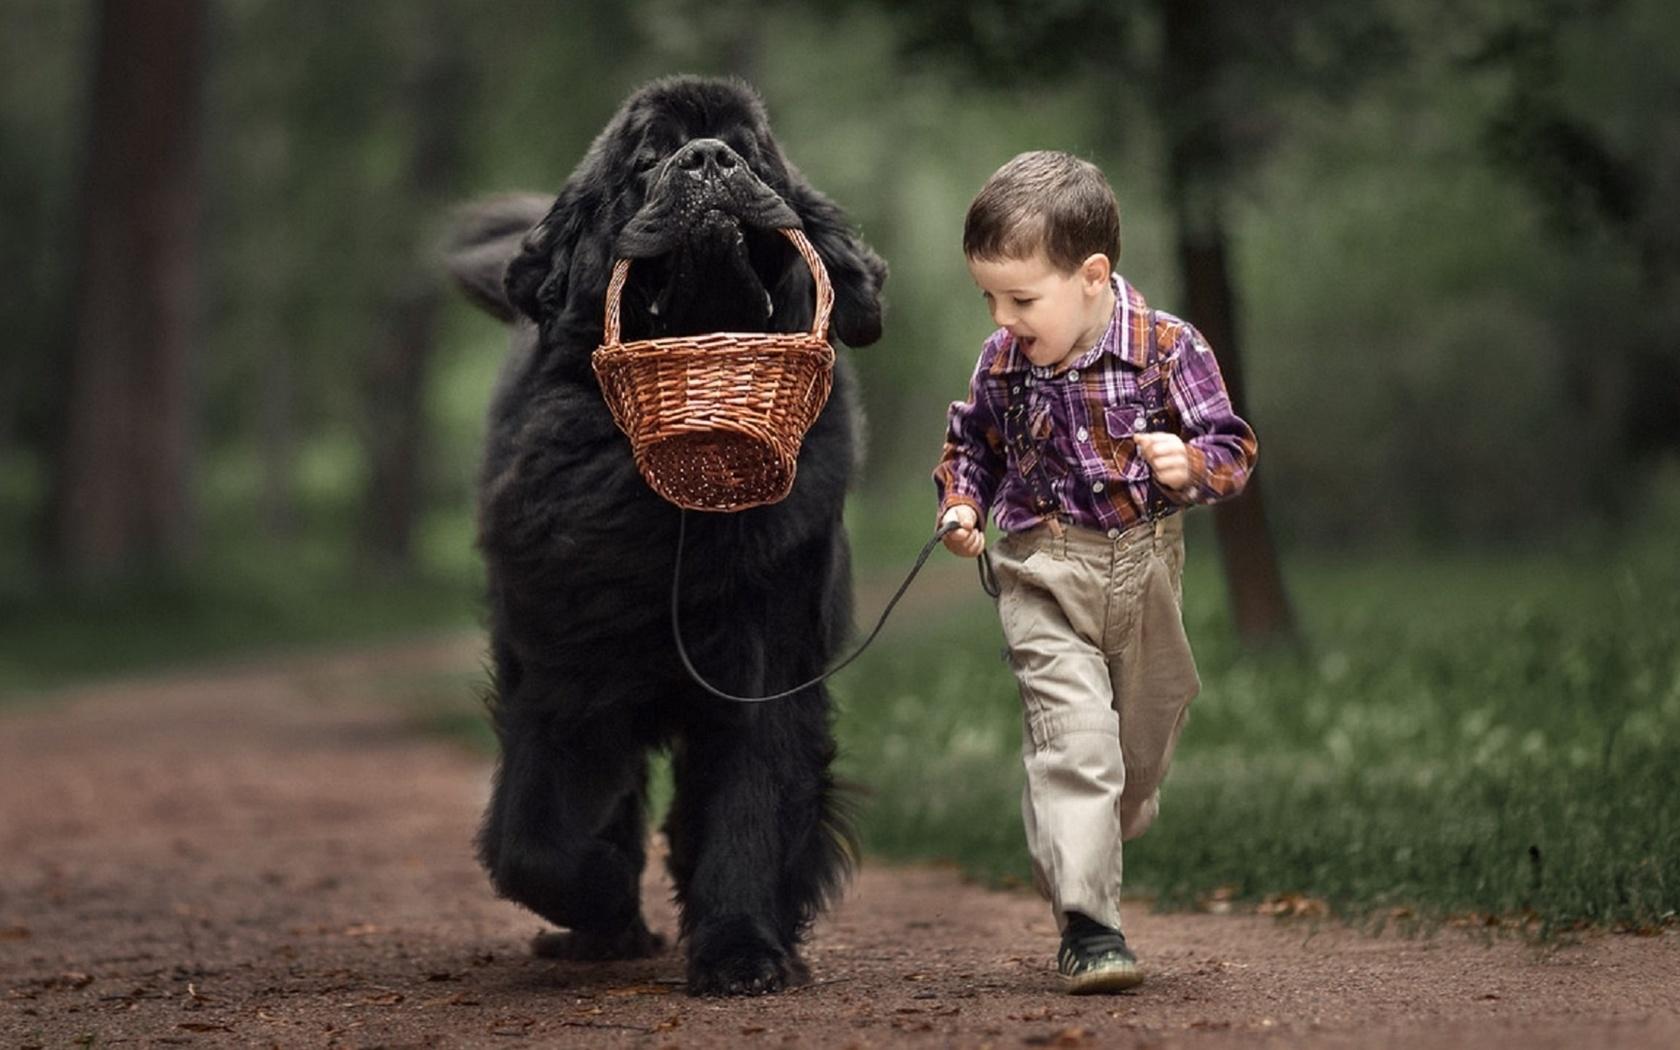 Собаки фото красивые и смешные с детьми, открытка своими